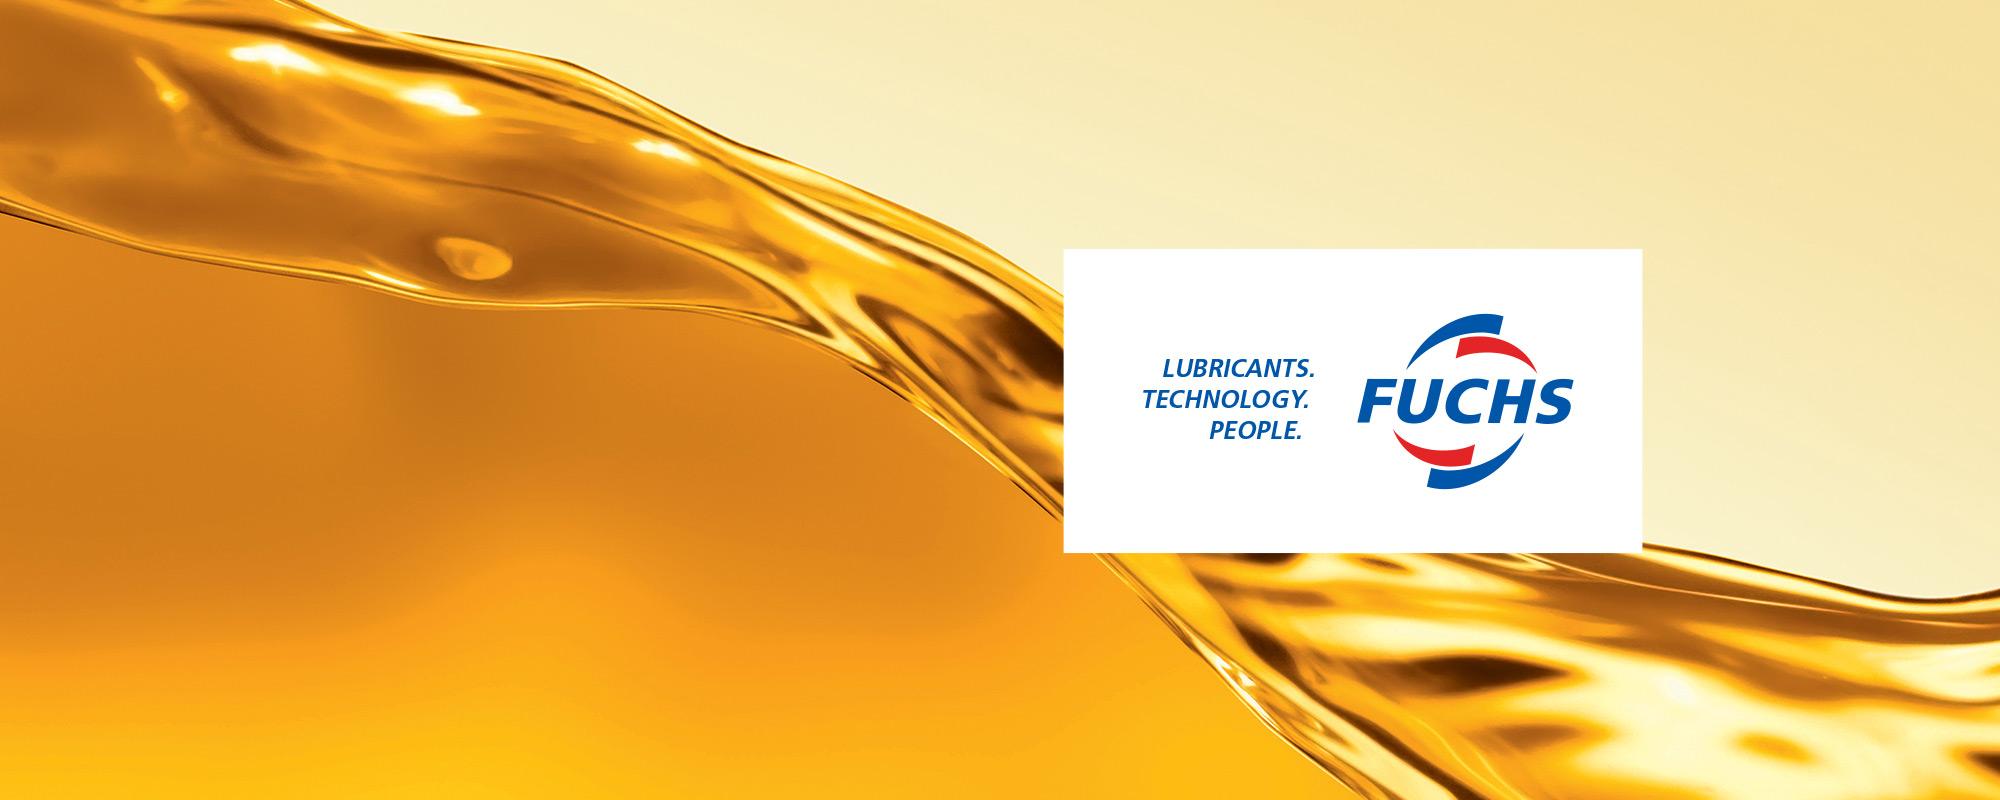 Fuchs logo with oil backsplash